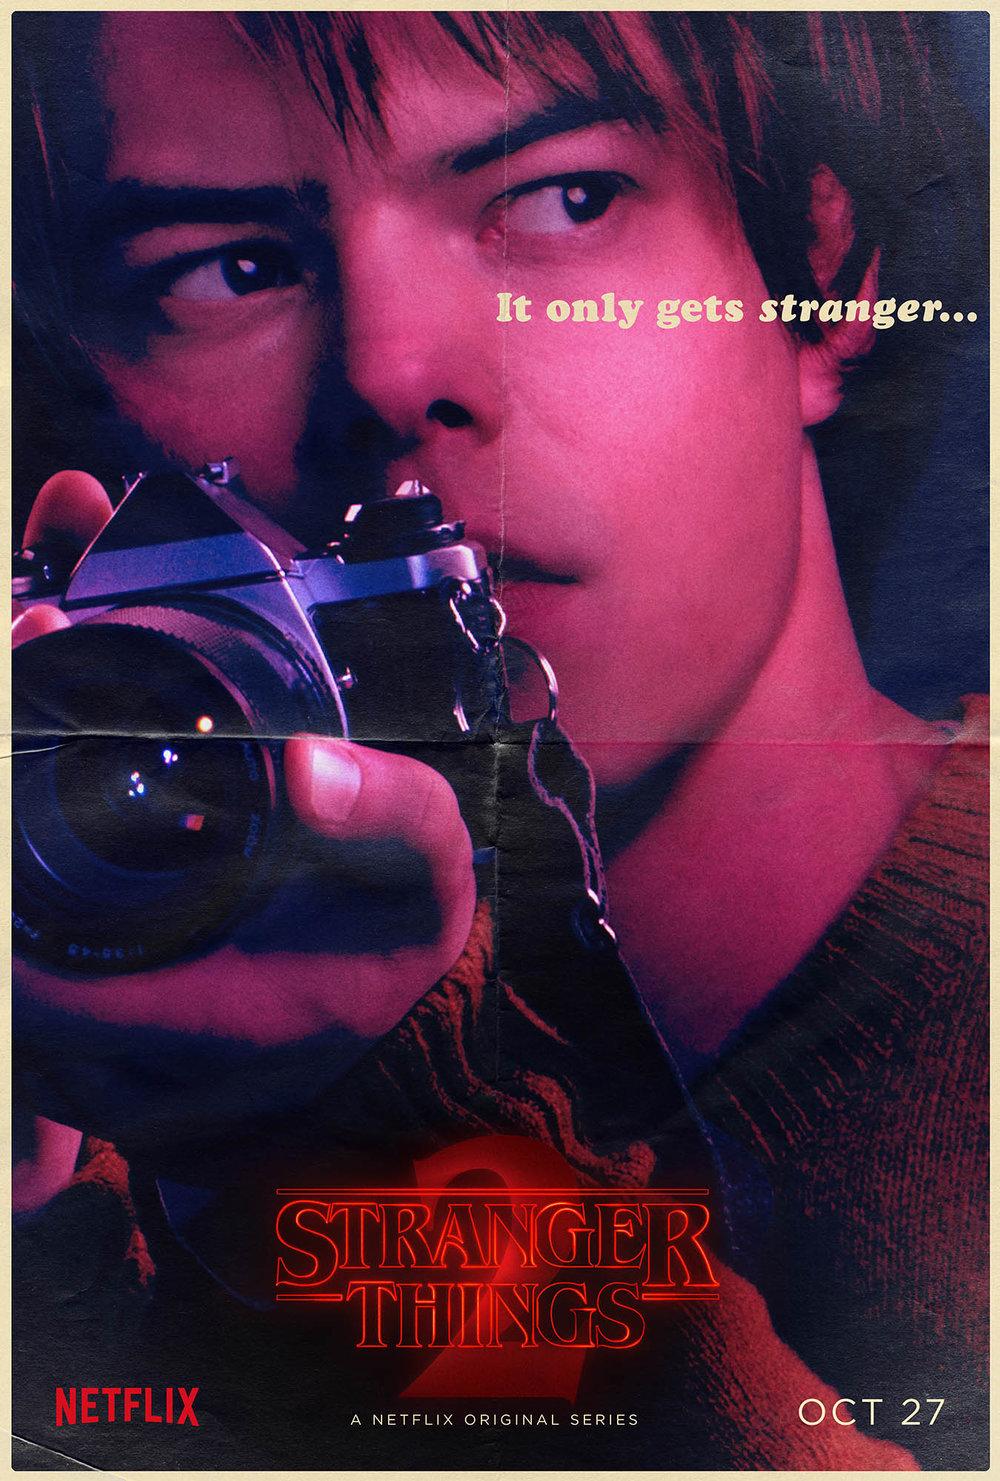 StrangerThingsS2_Jonathan_100dpi.jpg